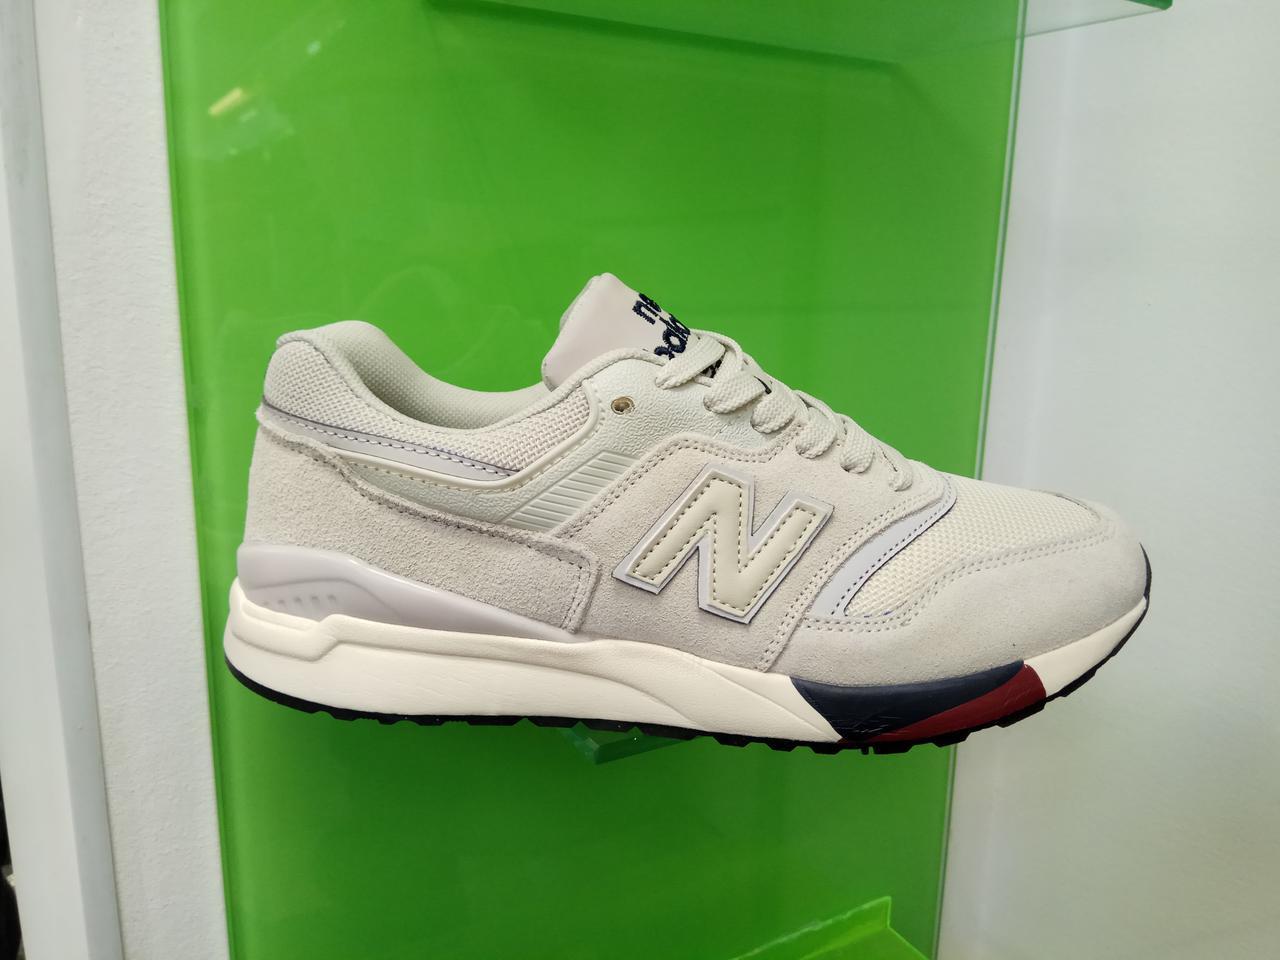 Жіночі кросівки new balance 997,5 світло - сірі